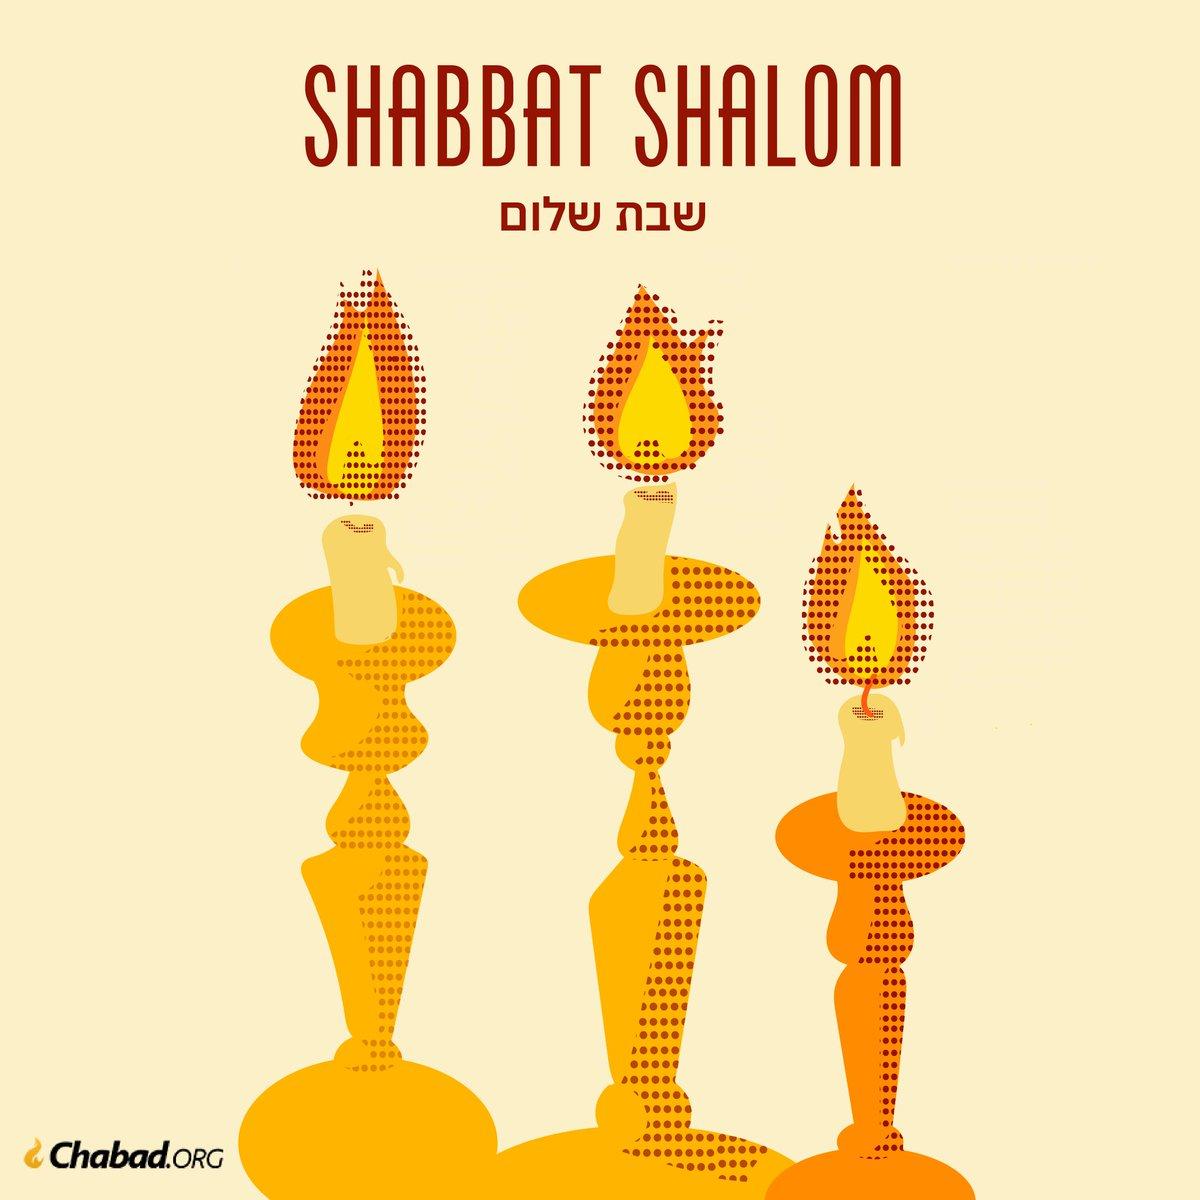 chabad org on twitter shabbat shalom